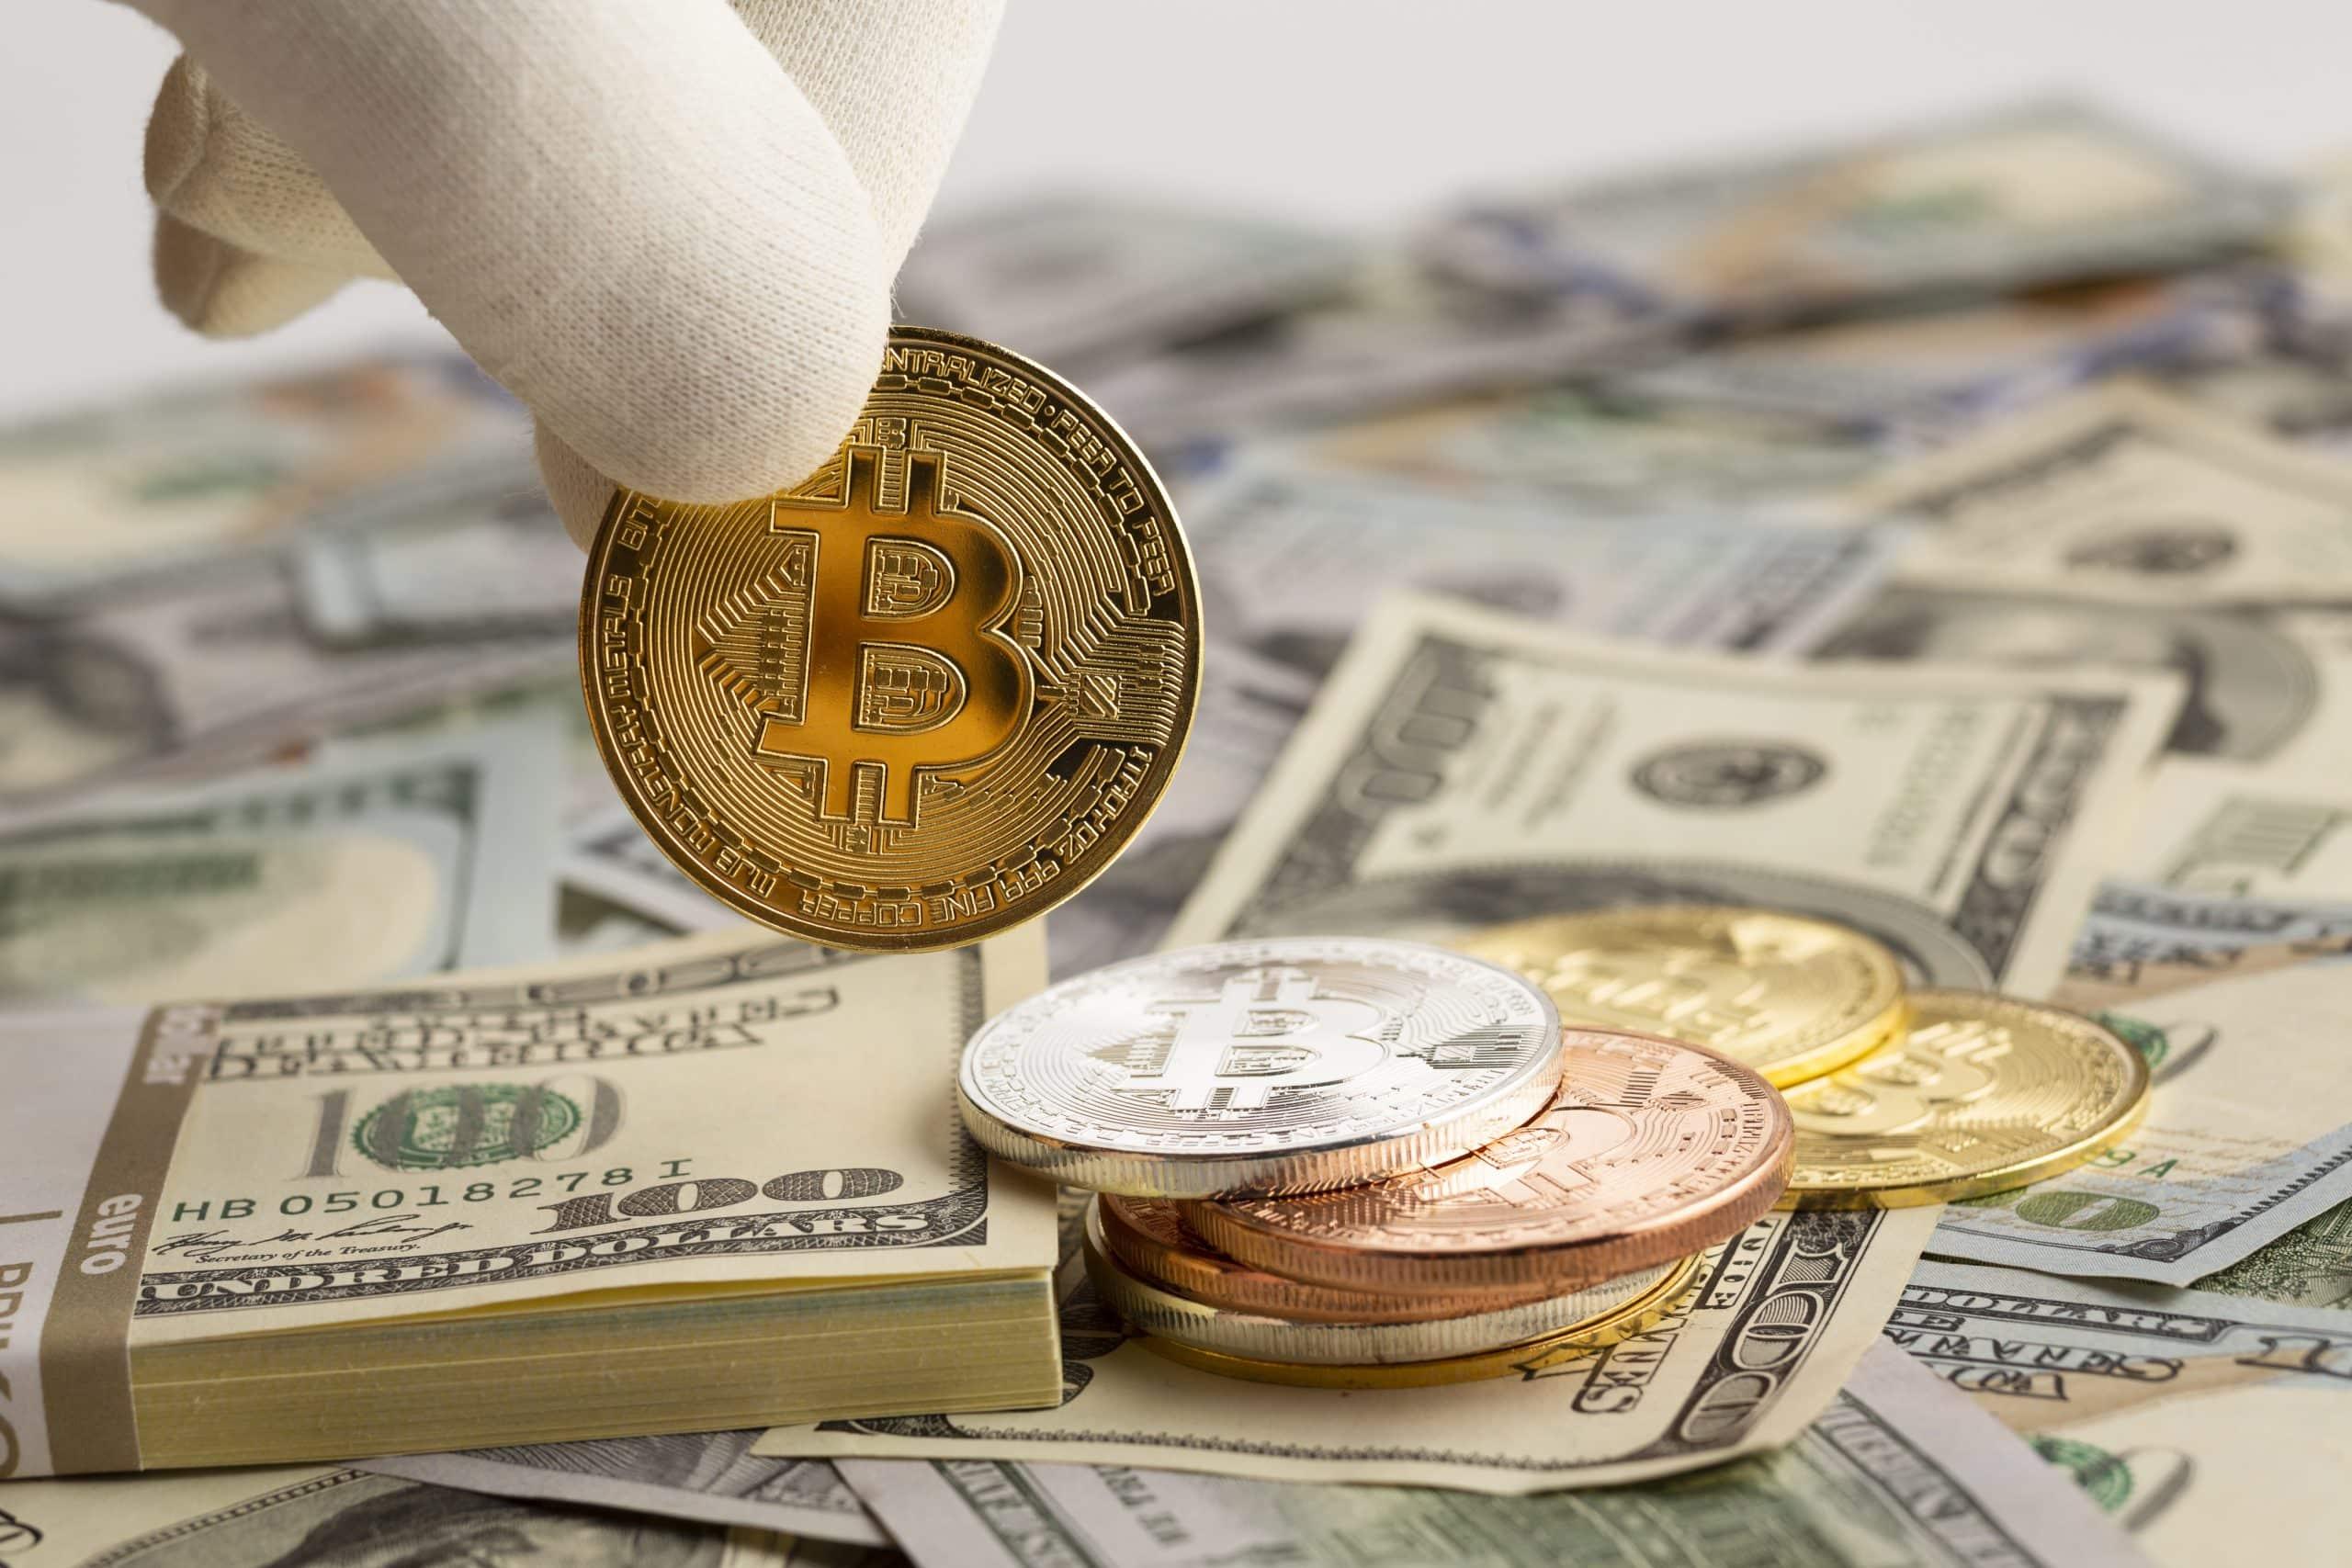 criptomoedas-bitcoin-bitcoin cash- imposto- taxa hash-halving